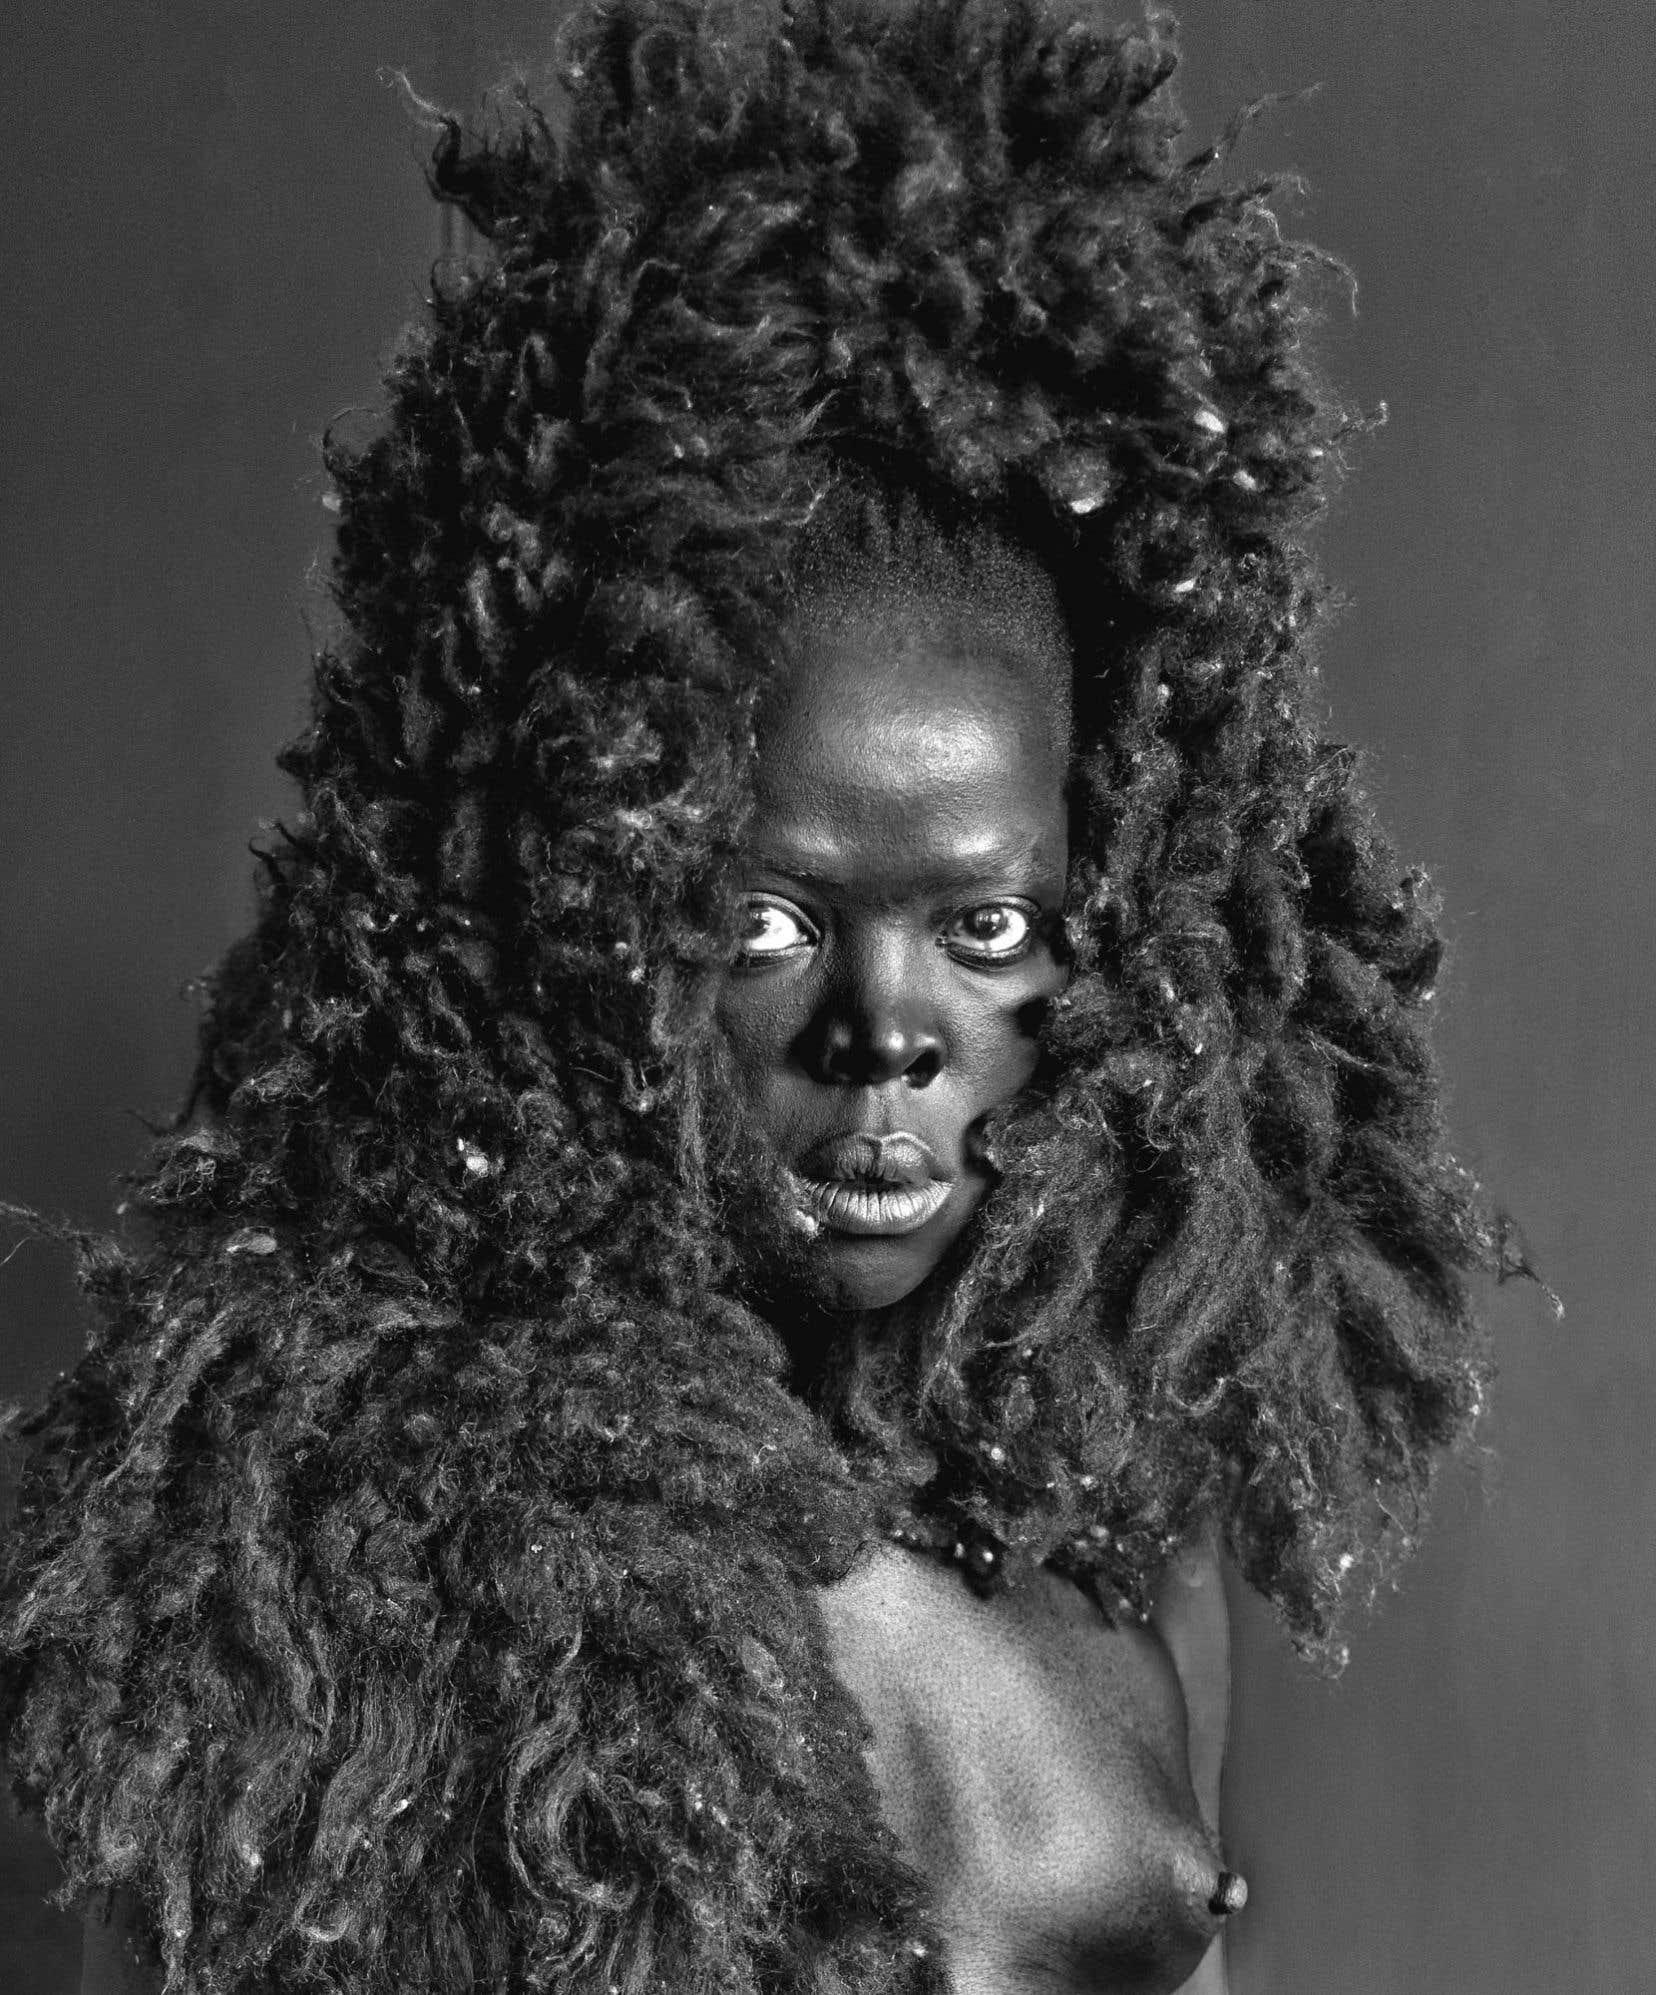 Zanele Muholi, Somnyama IV, Oslo, 2015, de la série Somnyama Ngonyama, 2015